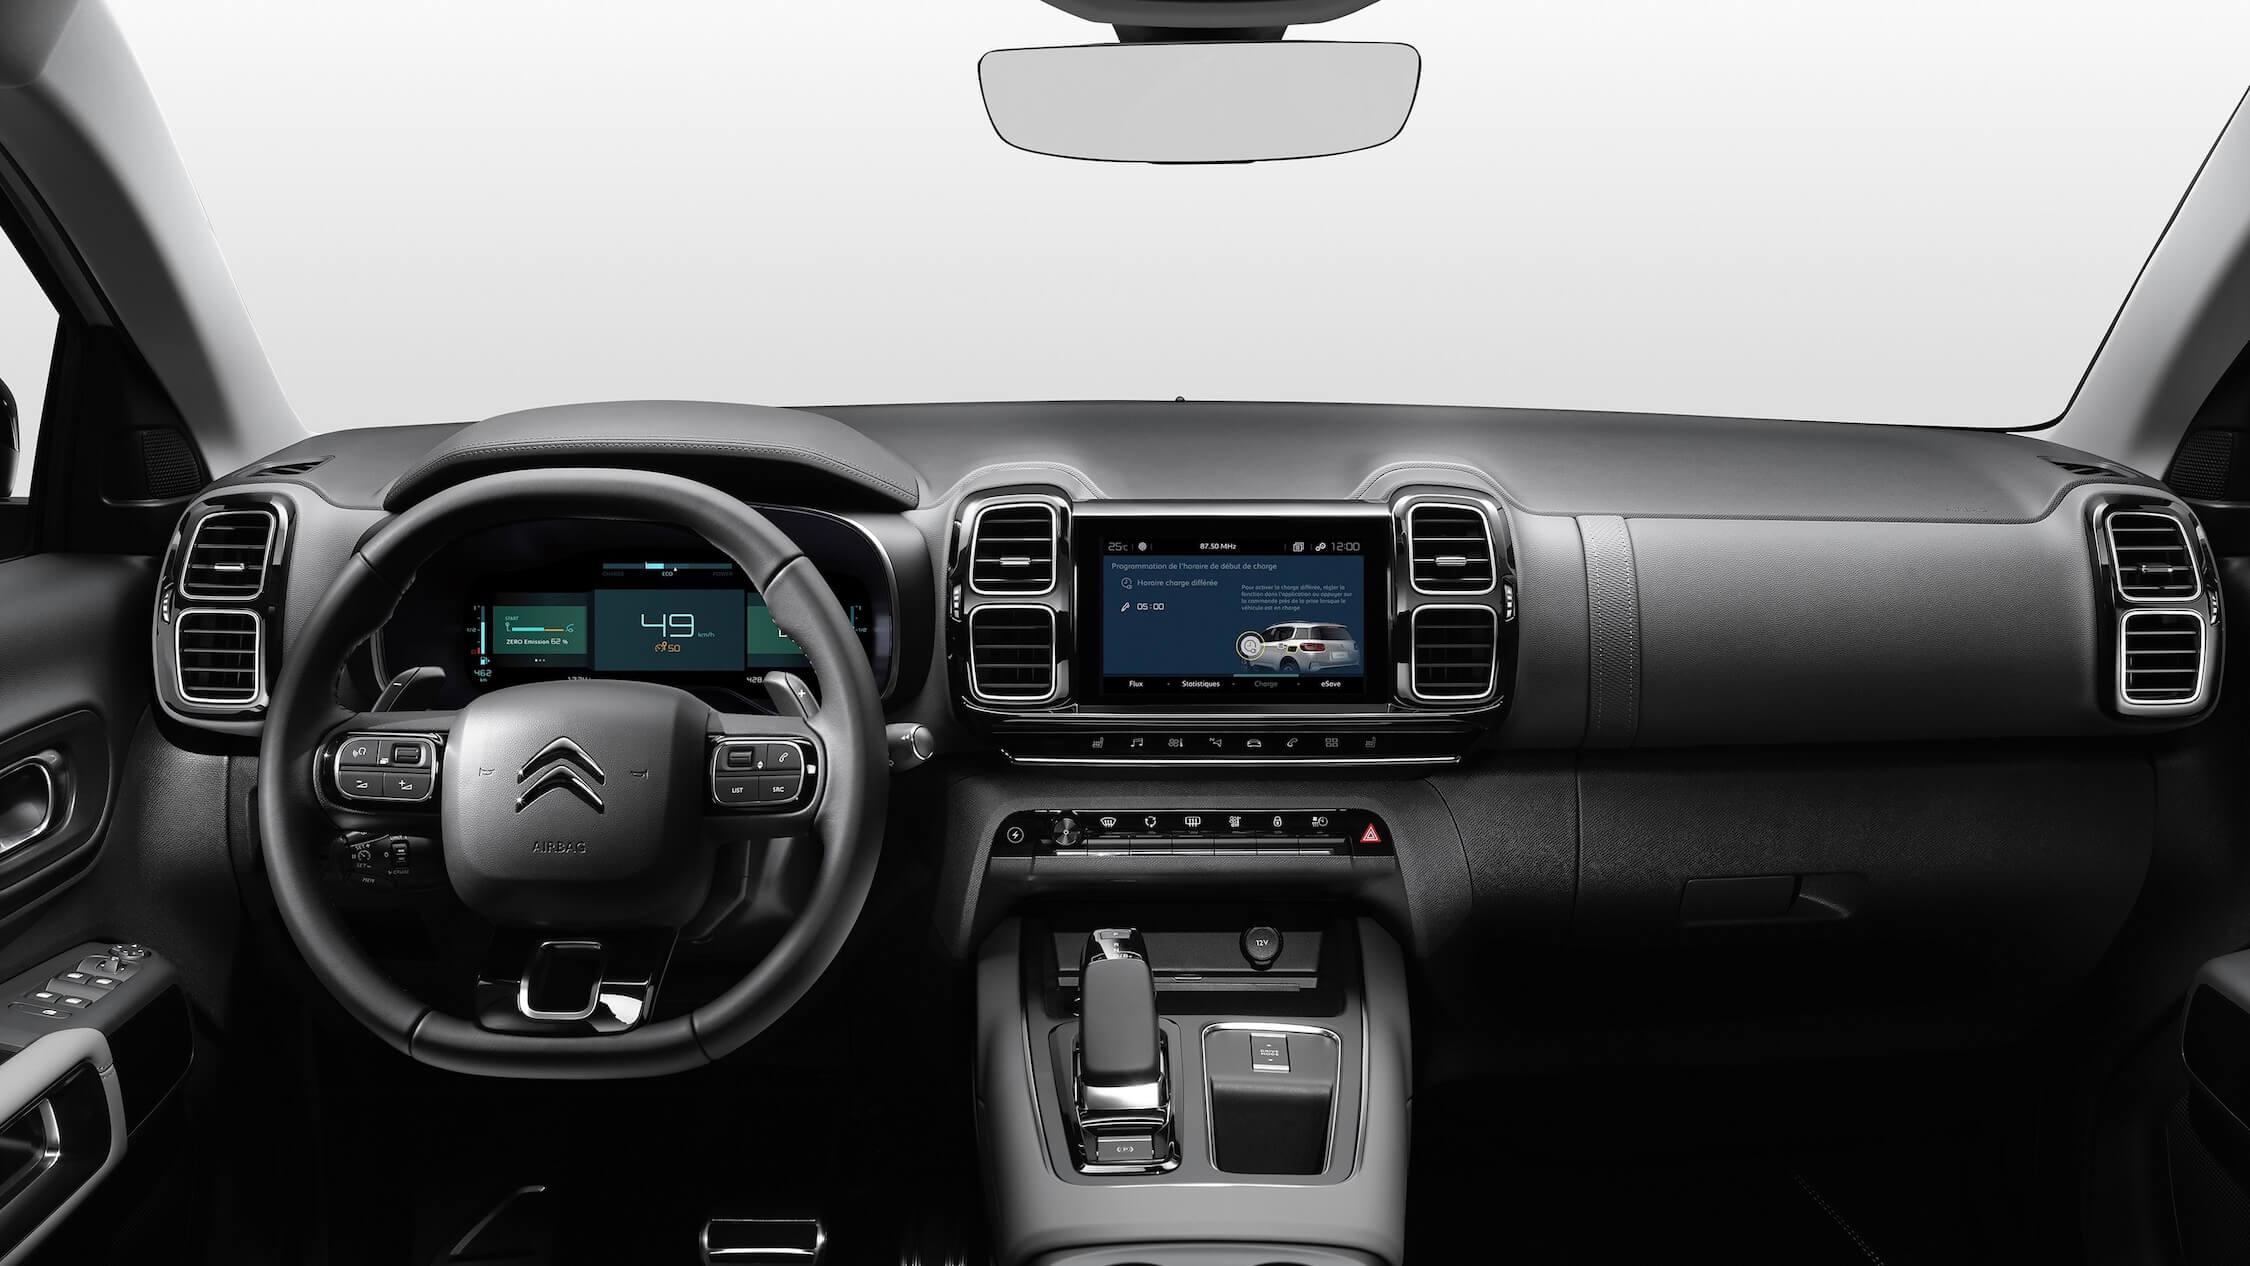 Citroën C5 híbrido interior